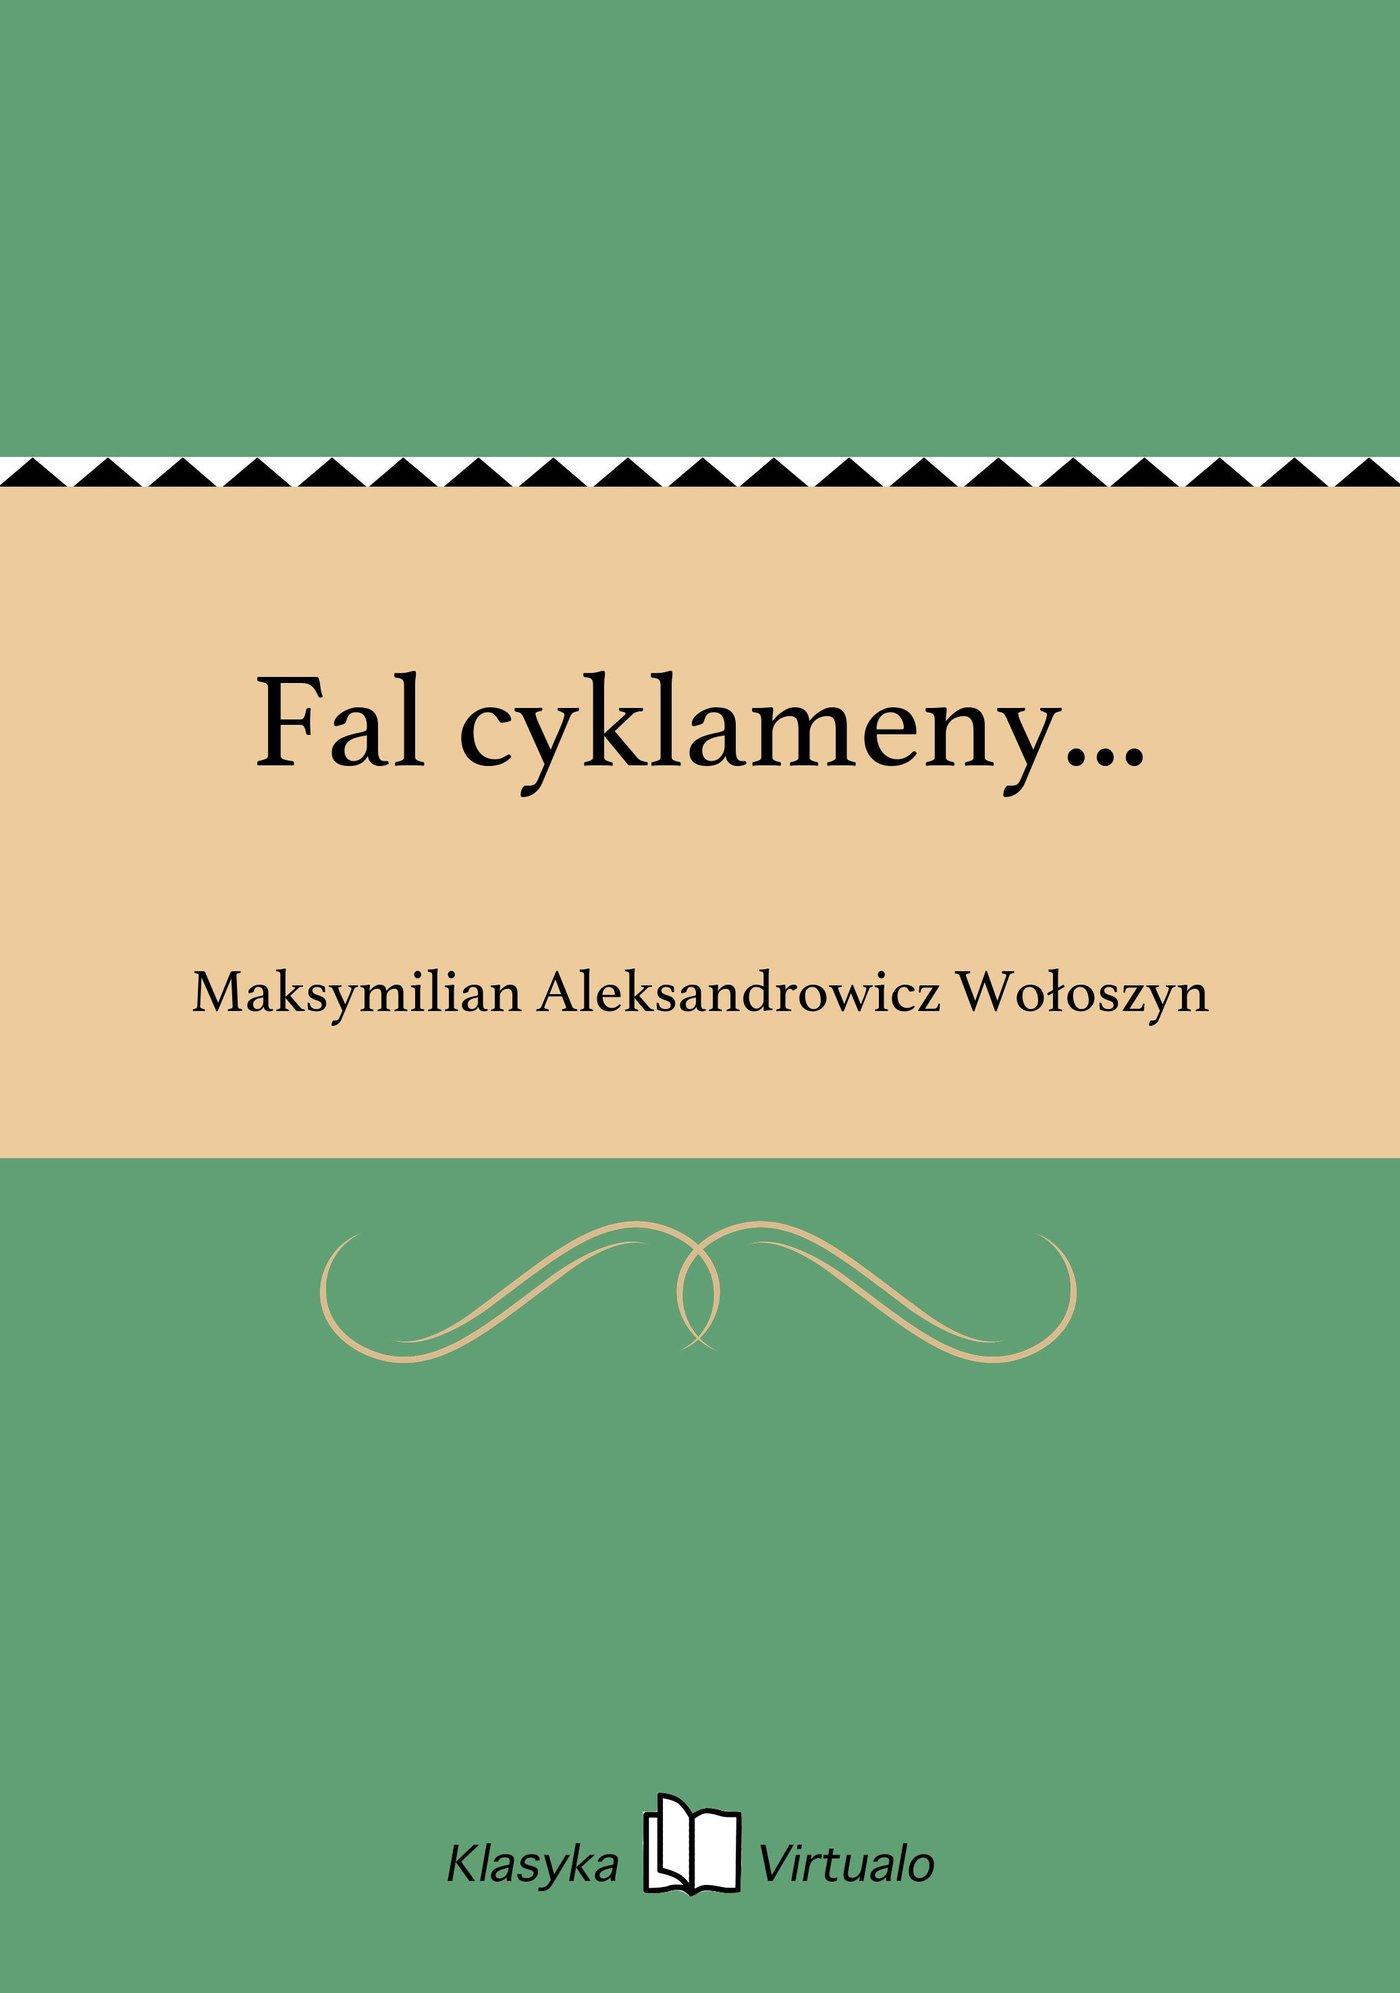 Fal cyklameny... - Ebook (Książka EPUB) do pobrania w formacie EPUB